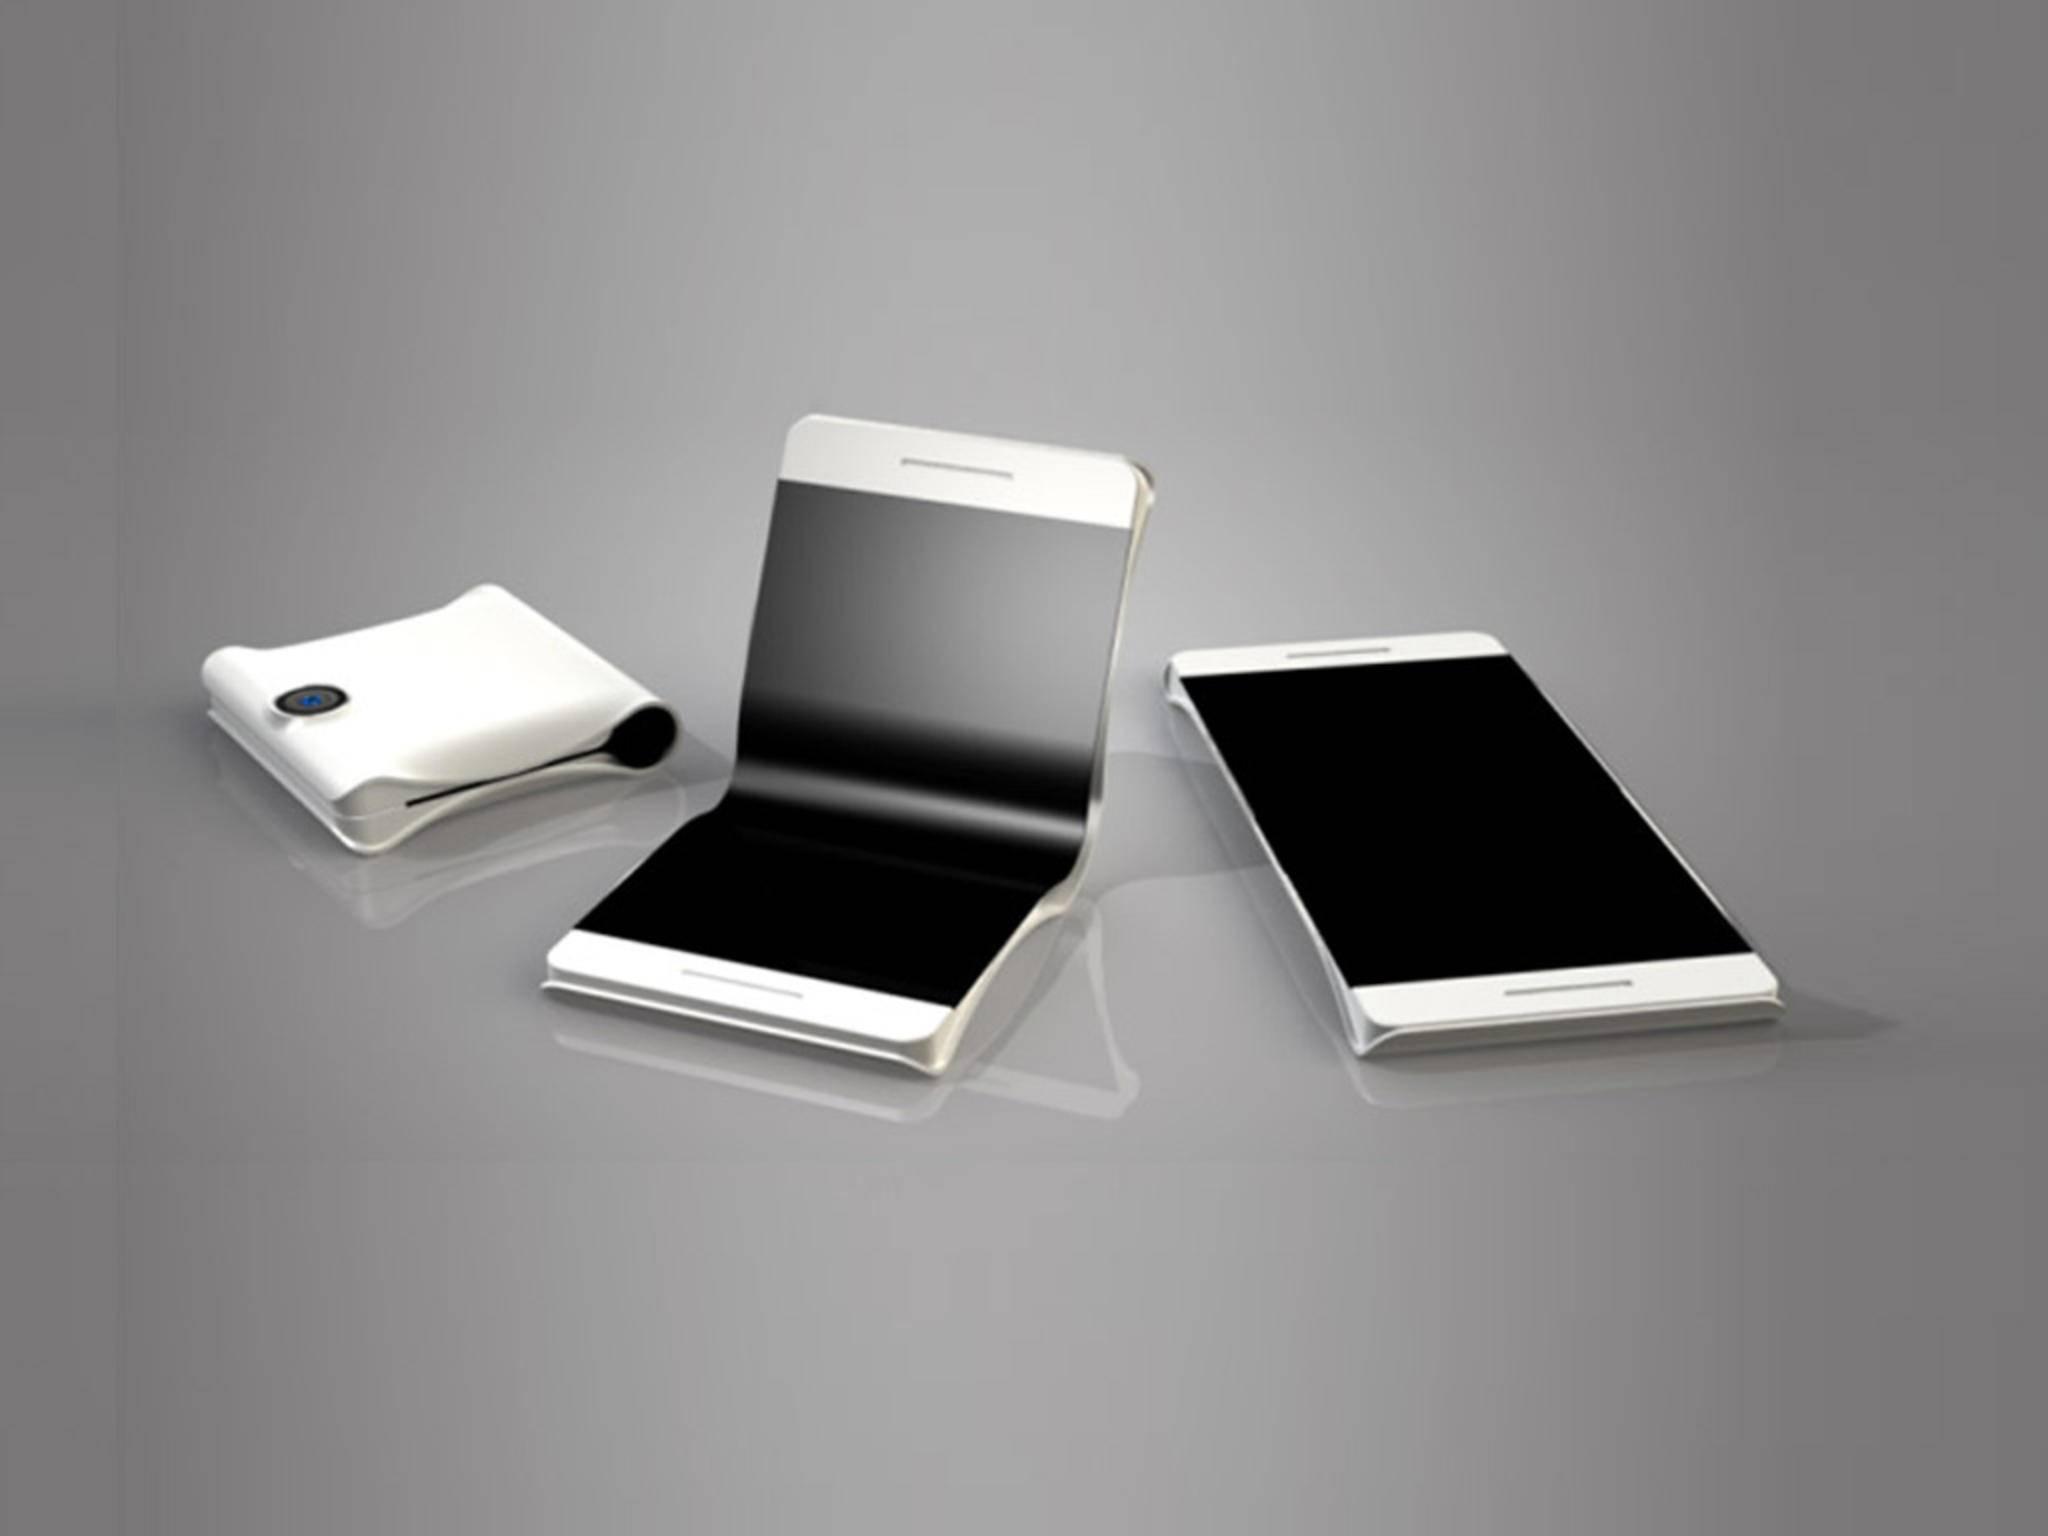 Wird das erste faltbare Smartphone von Samsung aussehen, wie diese Konzeptstudie?